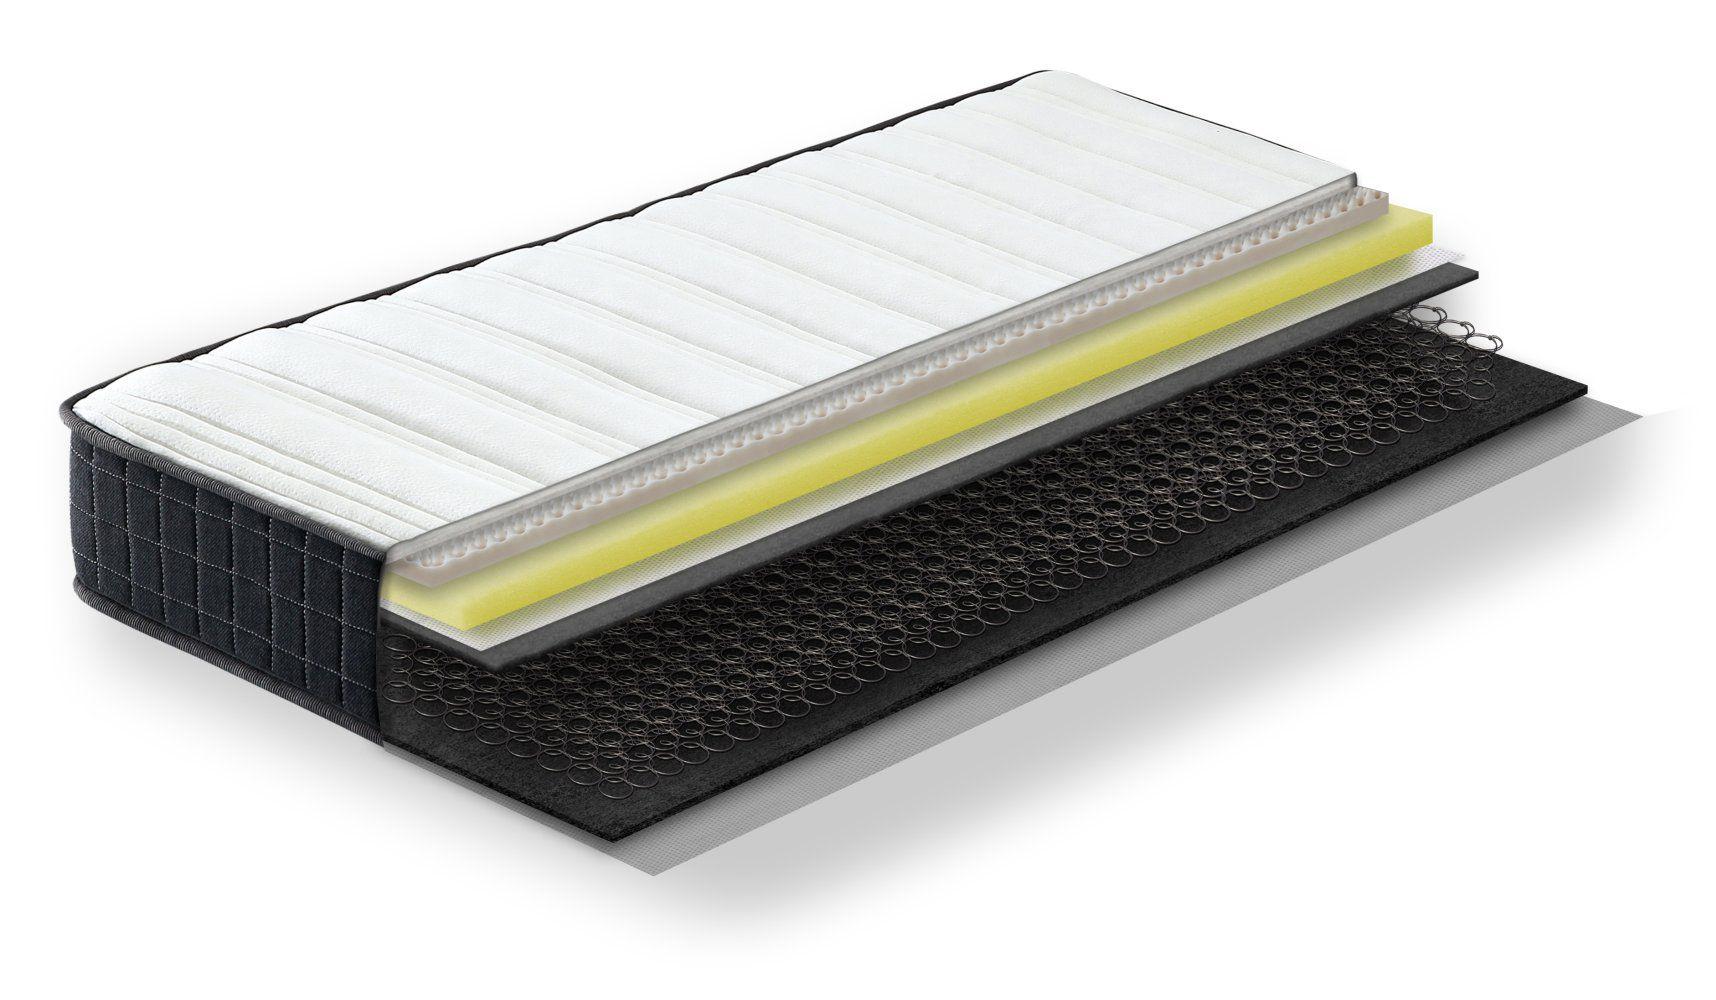 Steiner Premium matras Dream met Bonell veerkern - afmeting: 120 x 200 cm, hardheidsgraad H2-H3, hoogte: 20 cm